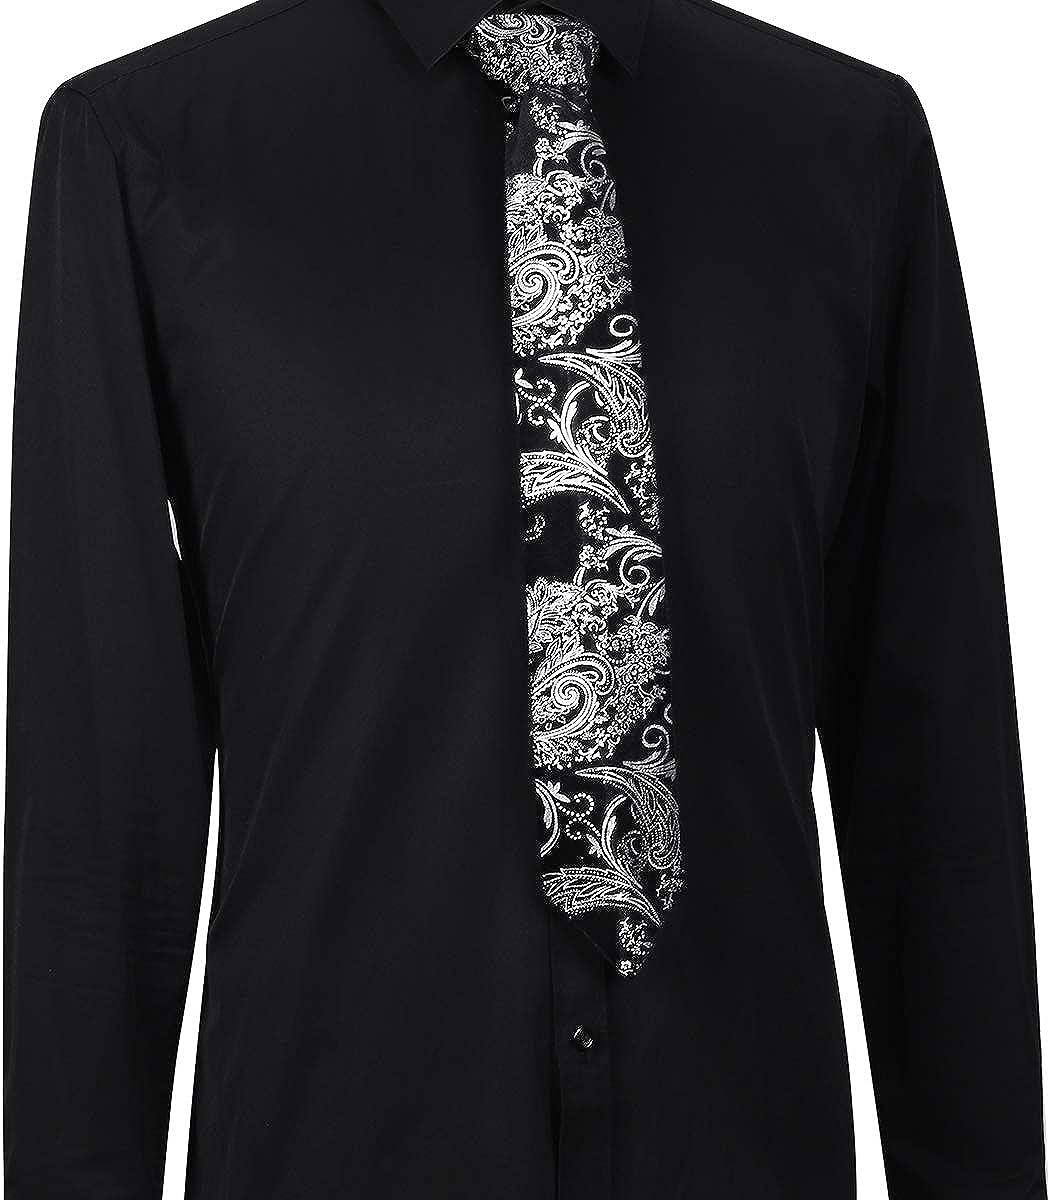 Allthemen Cravate Homme Dor/é en Marquage /à Chaud Bussiness Style daffires El/égant Mariage C/ér/émonie Mode